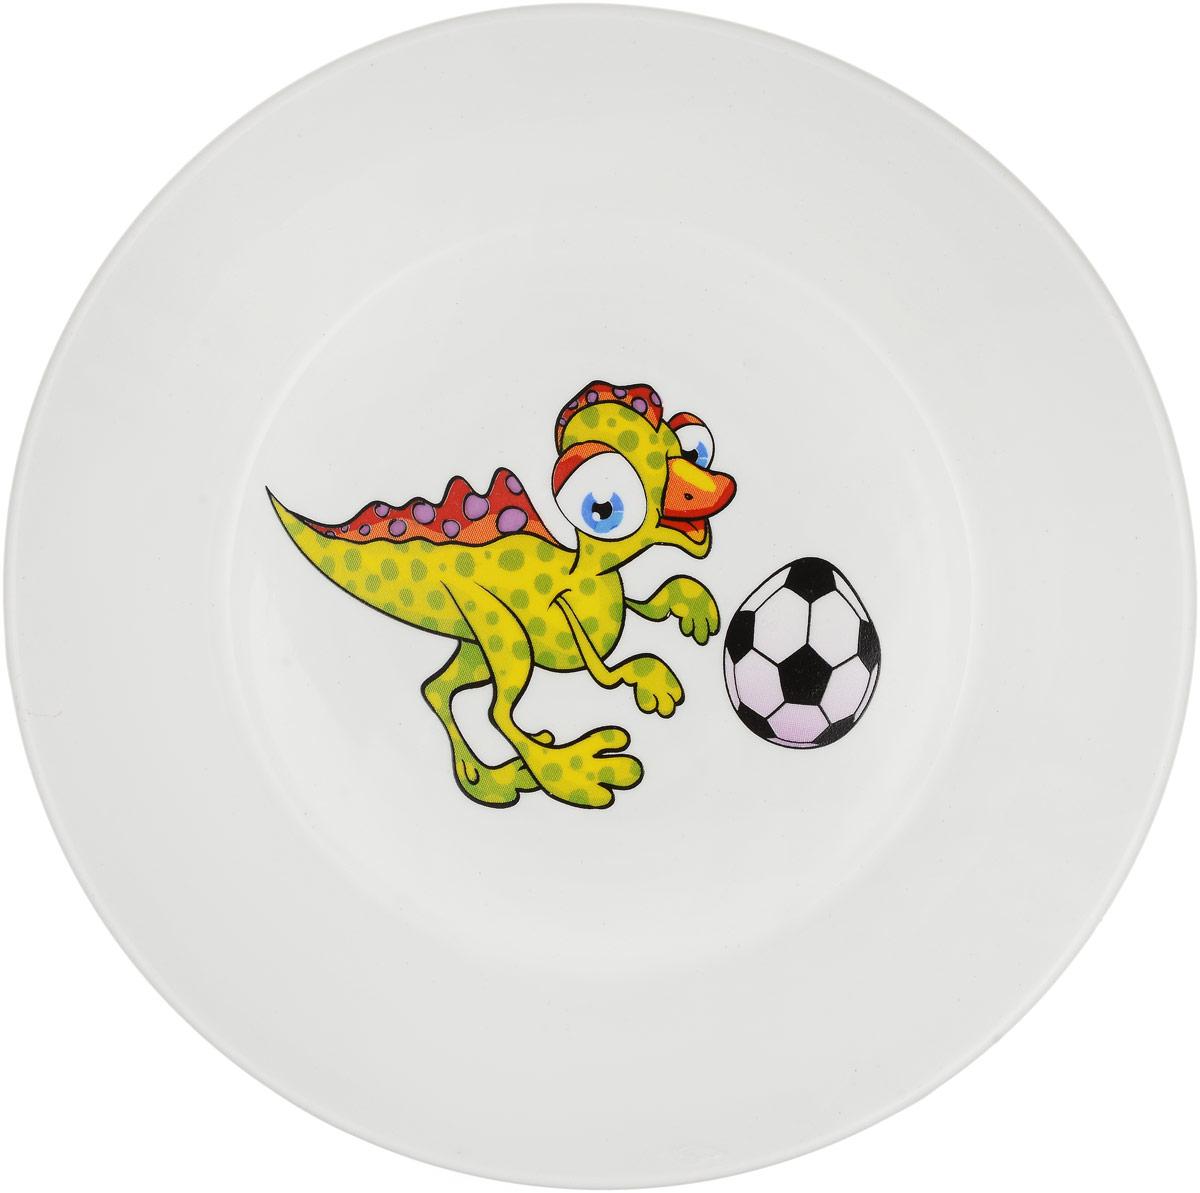 Кубаньфарфор Блюдце Динозаврик с мячом2220071_динозаврик и мячДетское блюдце Кубаньфарфор Динозаврик с мячом идеально подойдет для кормления малыша и самостоятельного приема пищи. Глубокое блюдце выполнена из фаянса, его высокие бортики обеспечат удобство кормления и предотвратят случайное проливание жидкой пищи. Яркое блюдца с красочным рисунком на дне непременно порадует малыша и сделает любой прием пищи приятным и веселым.Блюдце можно использовать в СВЧ-печах и мыть в посудомоечных машинах.